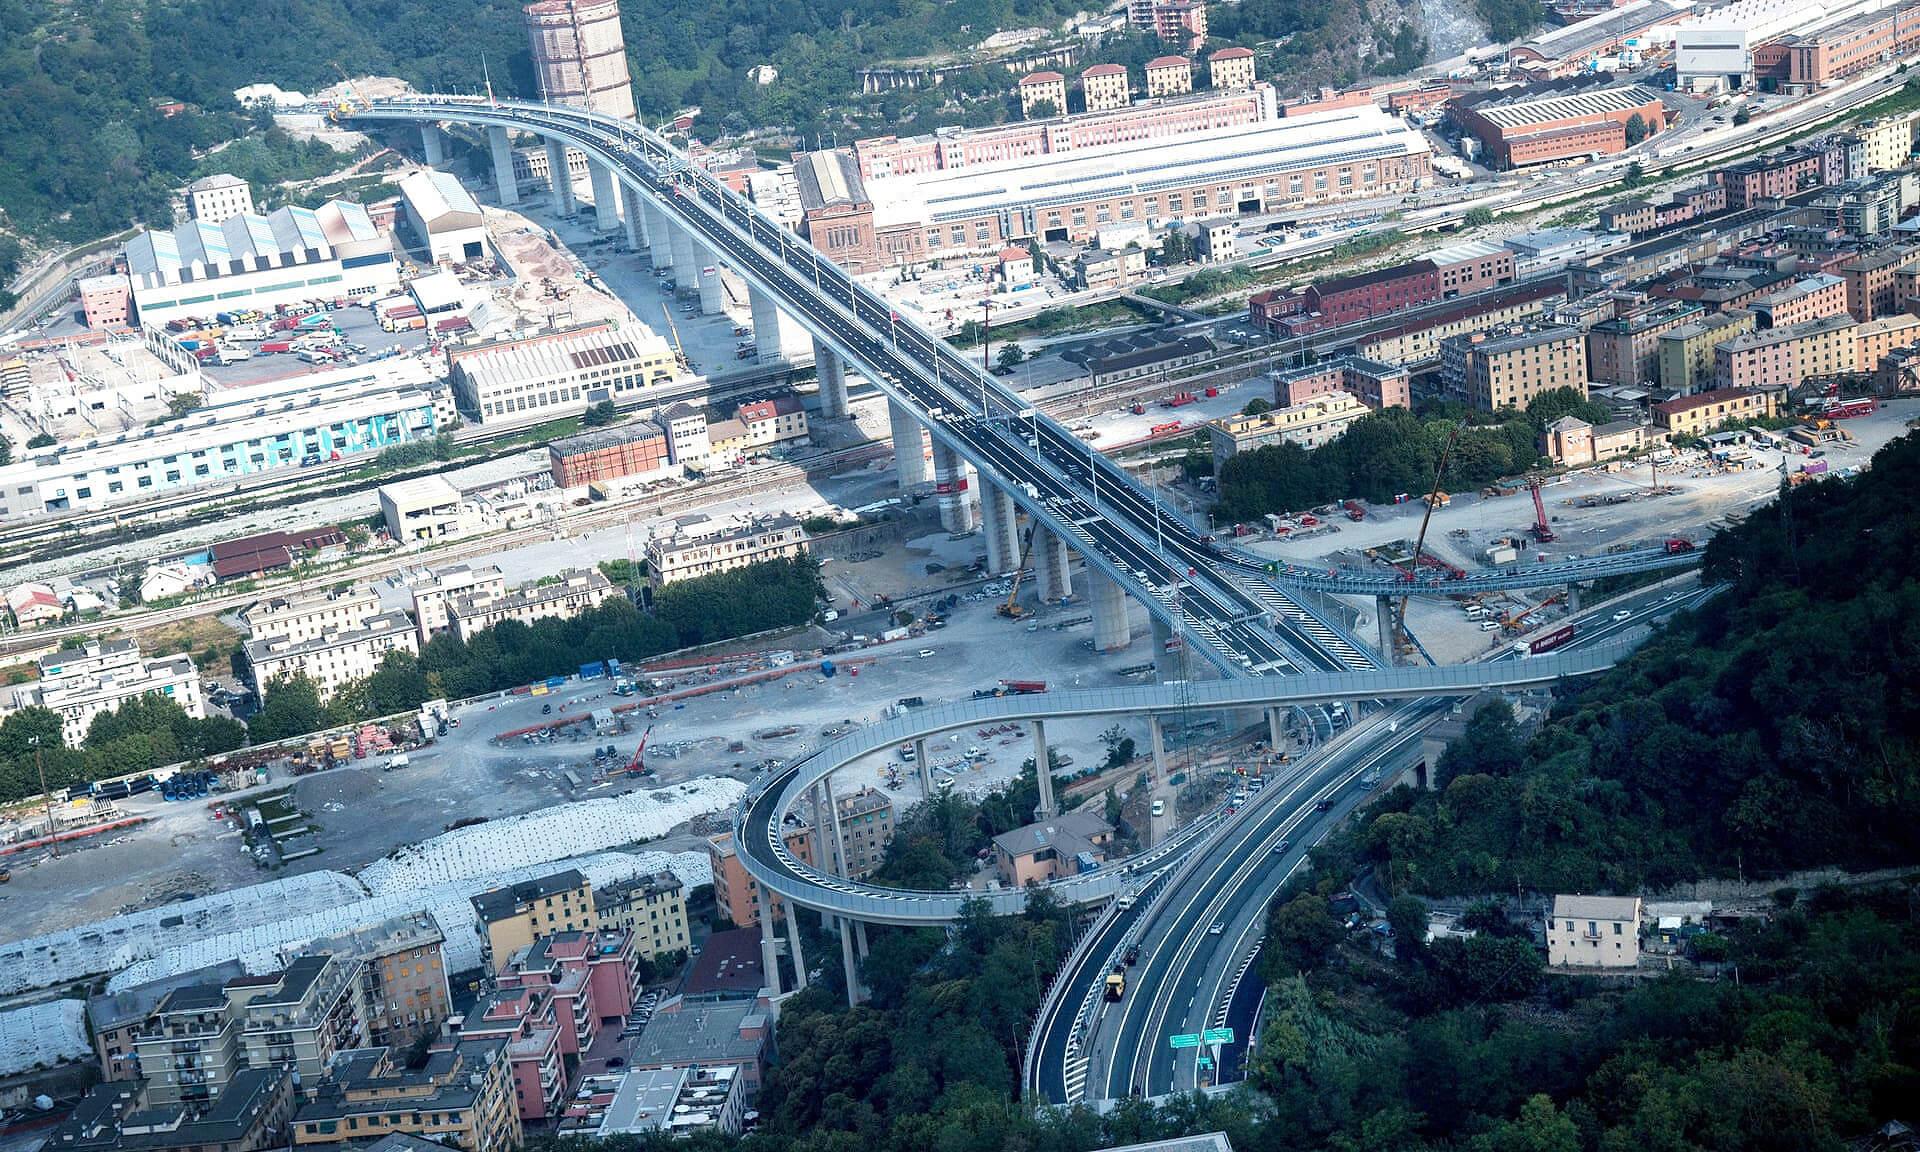 Estrutura foi construída em tempo recorde na Itália, com as obras em andamento mesmo quando o país entrou em lockdown por causa da pandemia de COVID-19 Crédito: WeBuild e Fincantieri Infrastructure